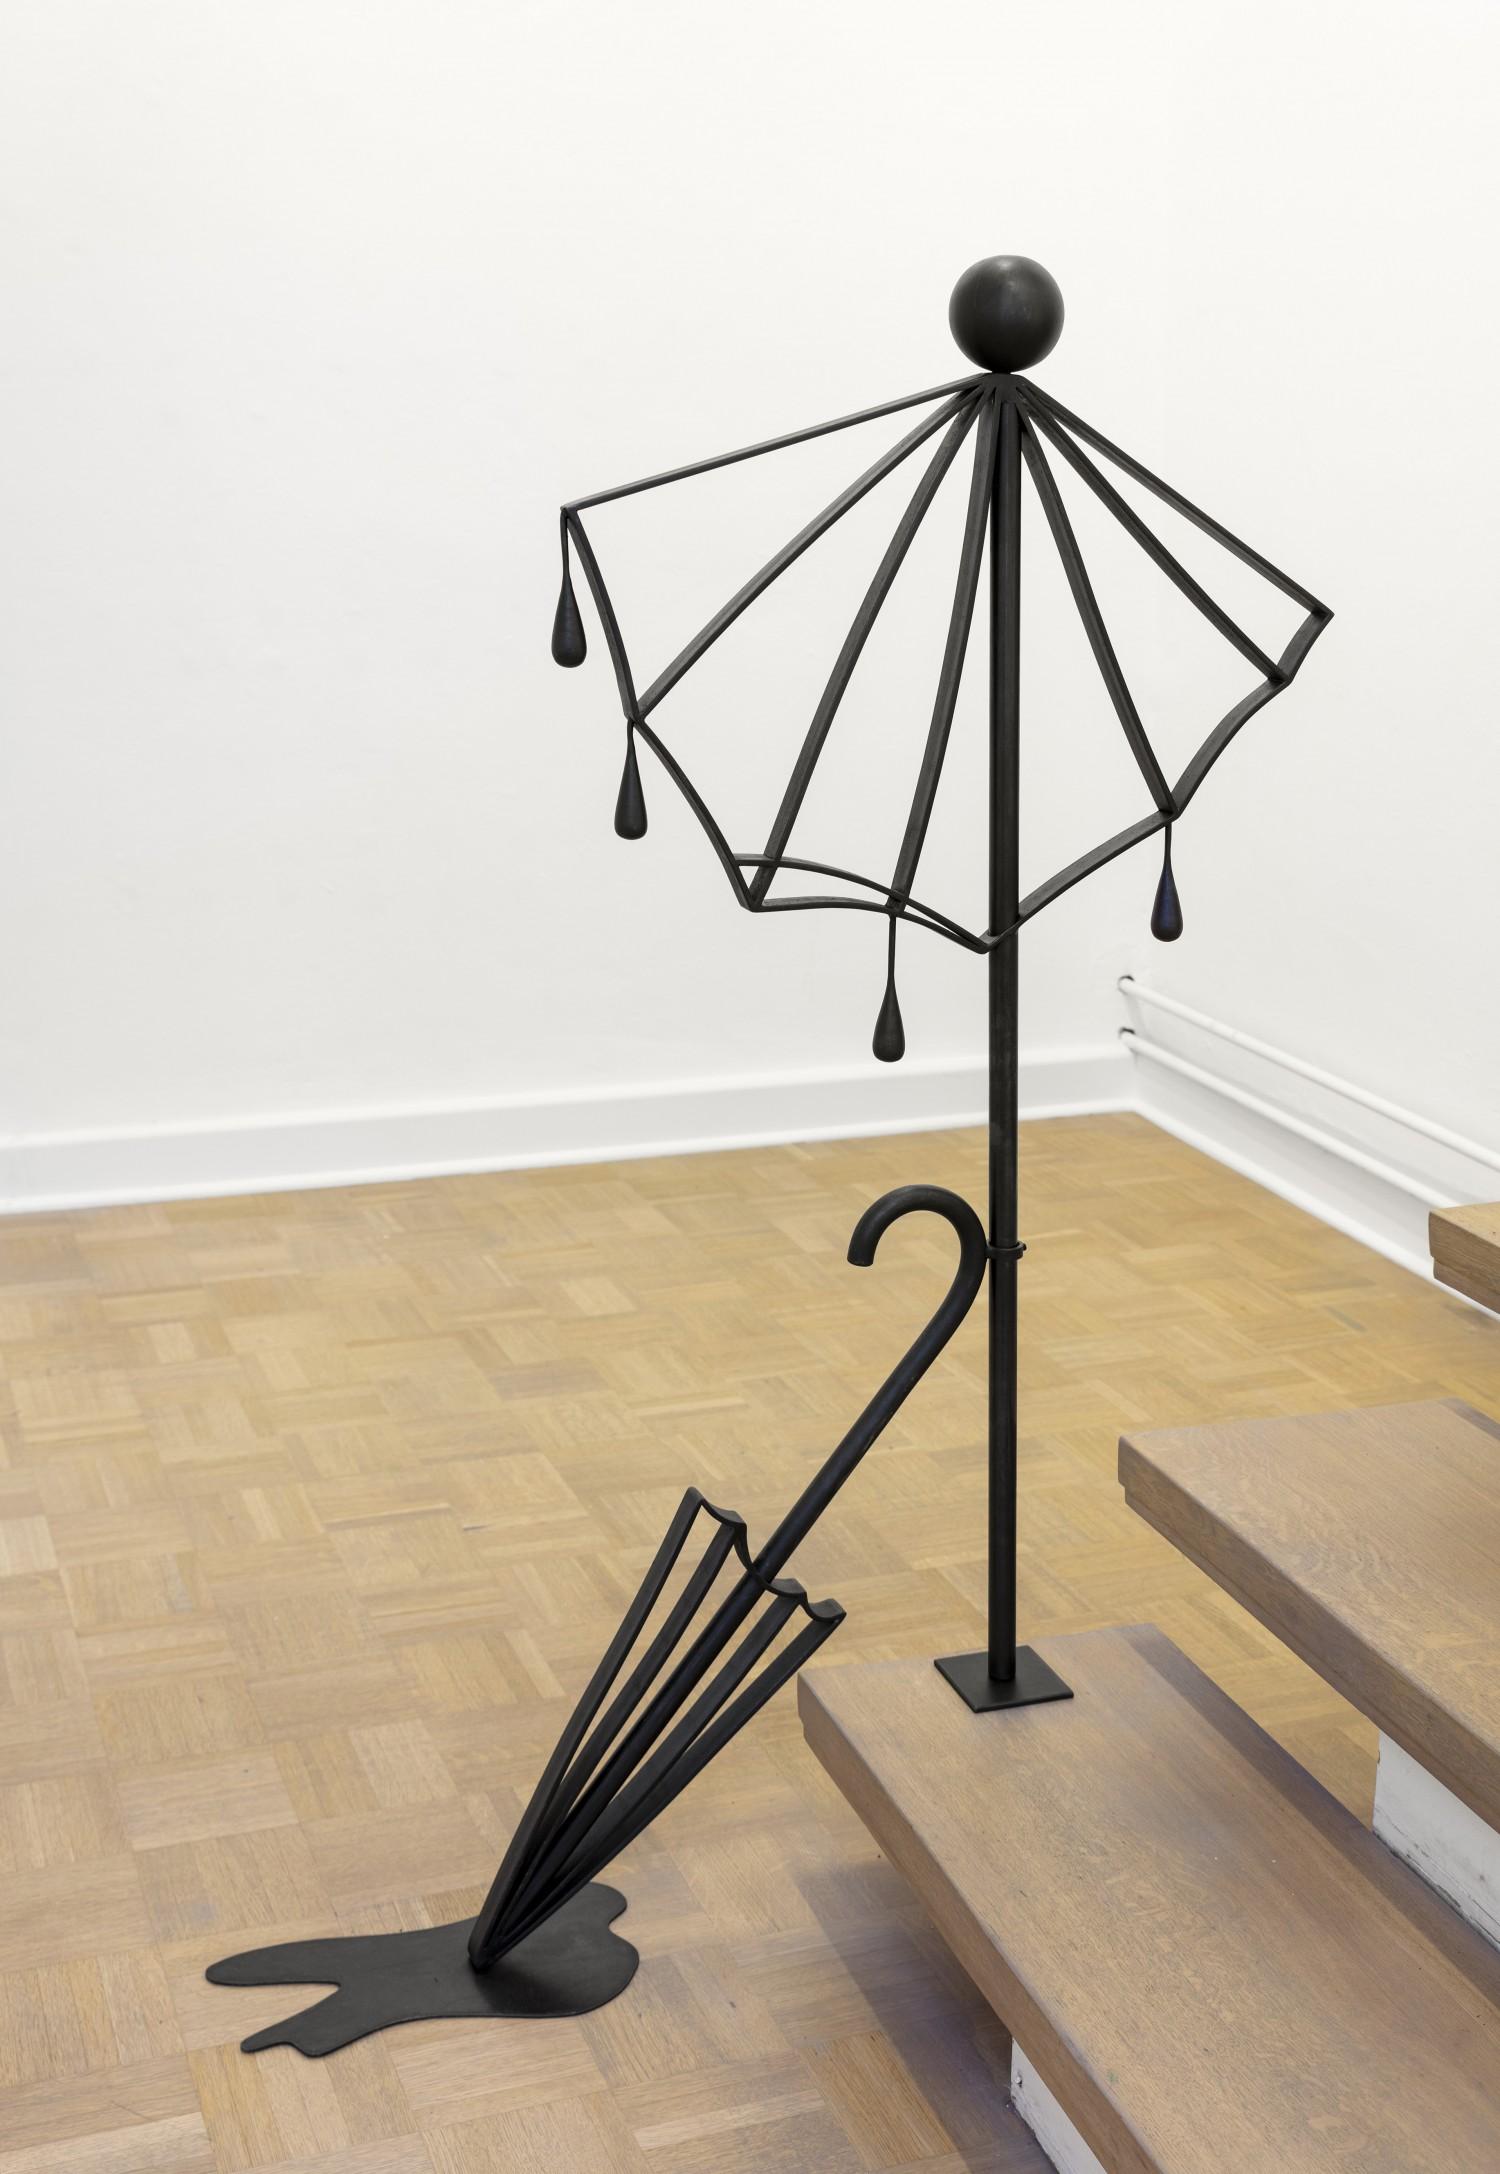 """Ein Objekt der vierteiligen Werkreihe """"Ballustrade"""" von Julie Béna aus dem Jahr 2020, das aus schwarz beschichtetem Stahl besteht und auf der letzten Treppenstufe platziert ist. Den Objekten kommt Autonomie und Funktion gleichermaßen zu, sie sind Bild und tatsächlich Balustrade zugleich."""